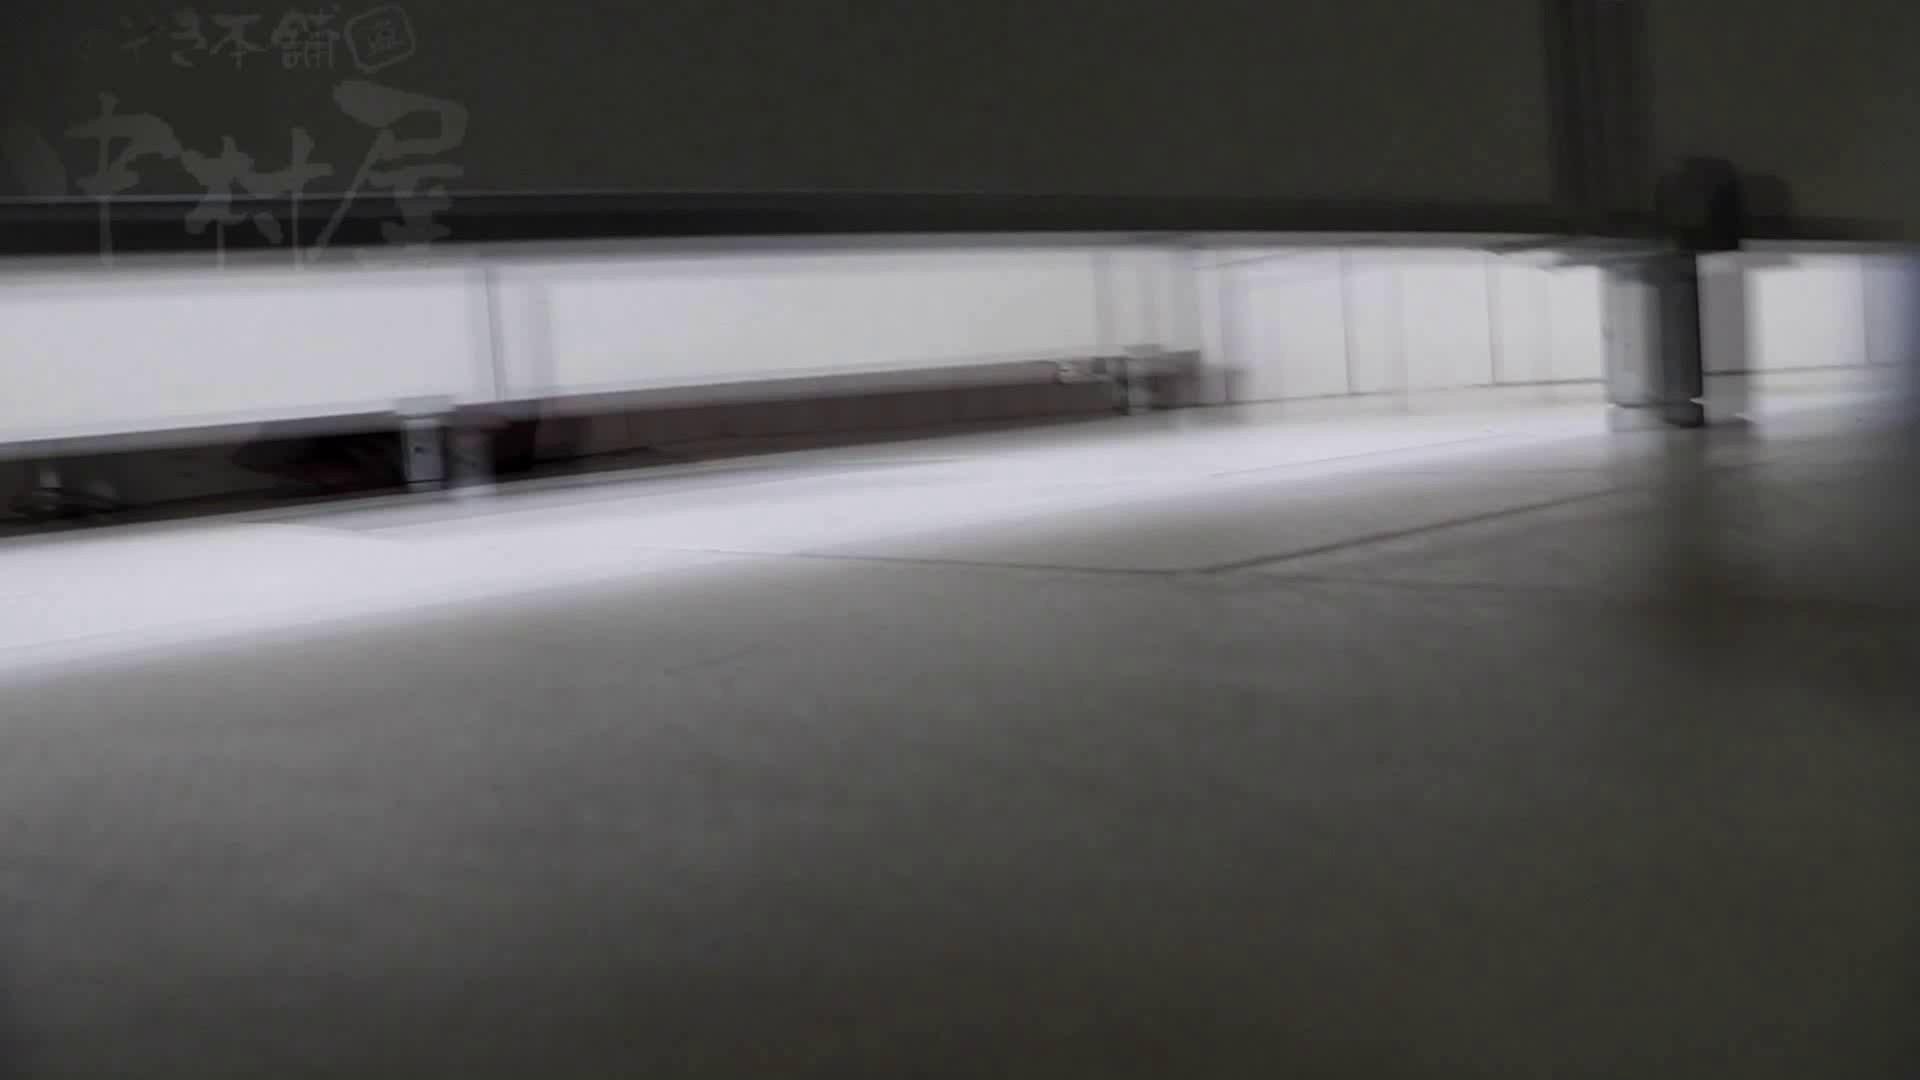 美しい日本の未来 No.06 更に侵入フロント究極な画質 乙女のエロ動画 のぞき動画キャプチャ 75PIX 13